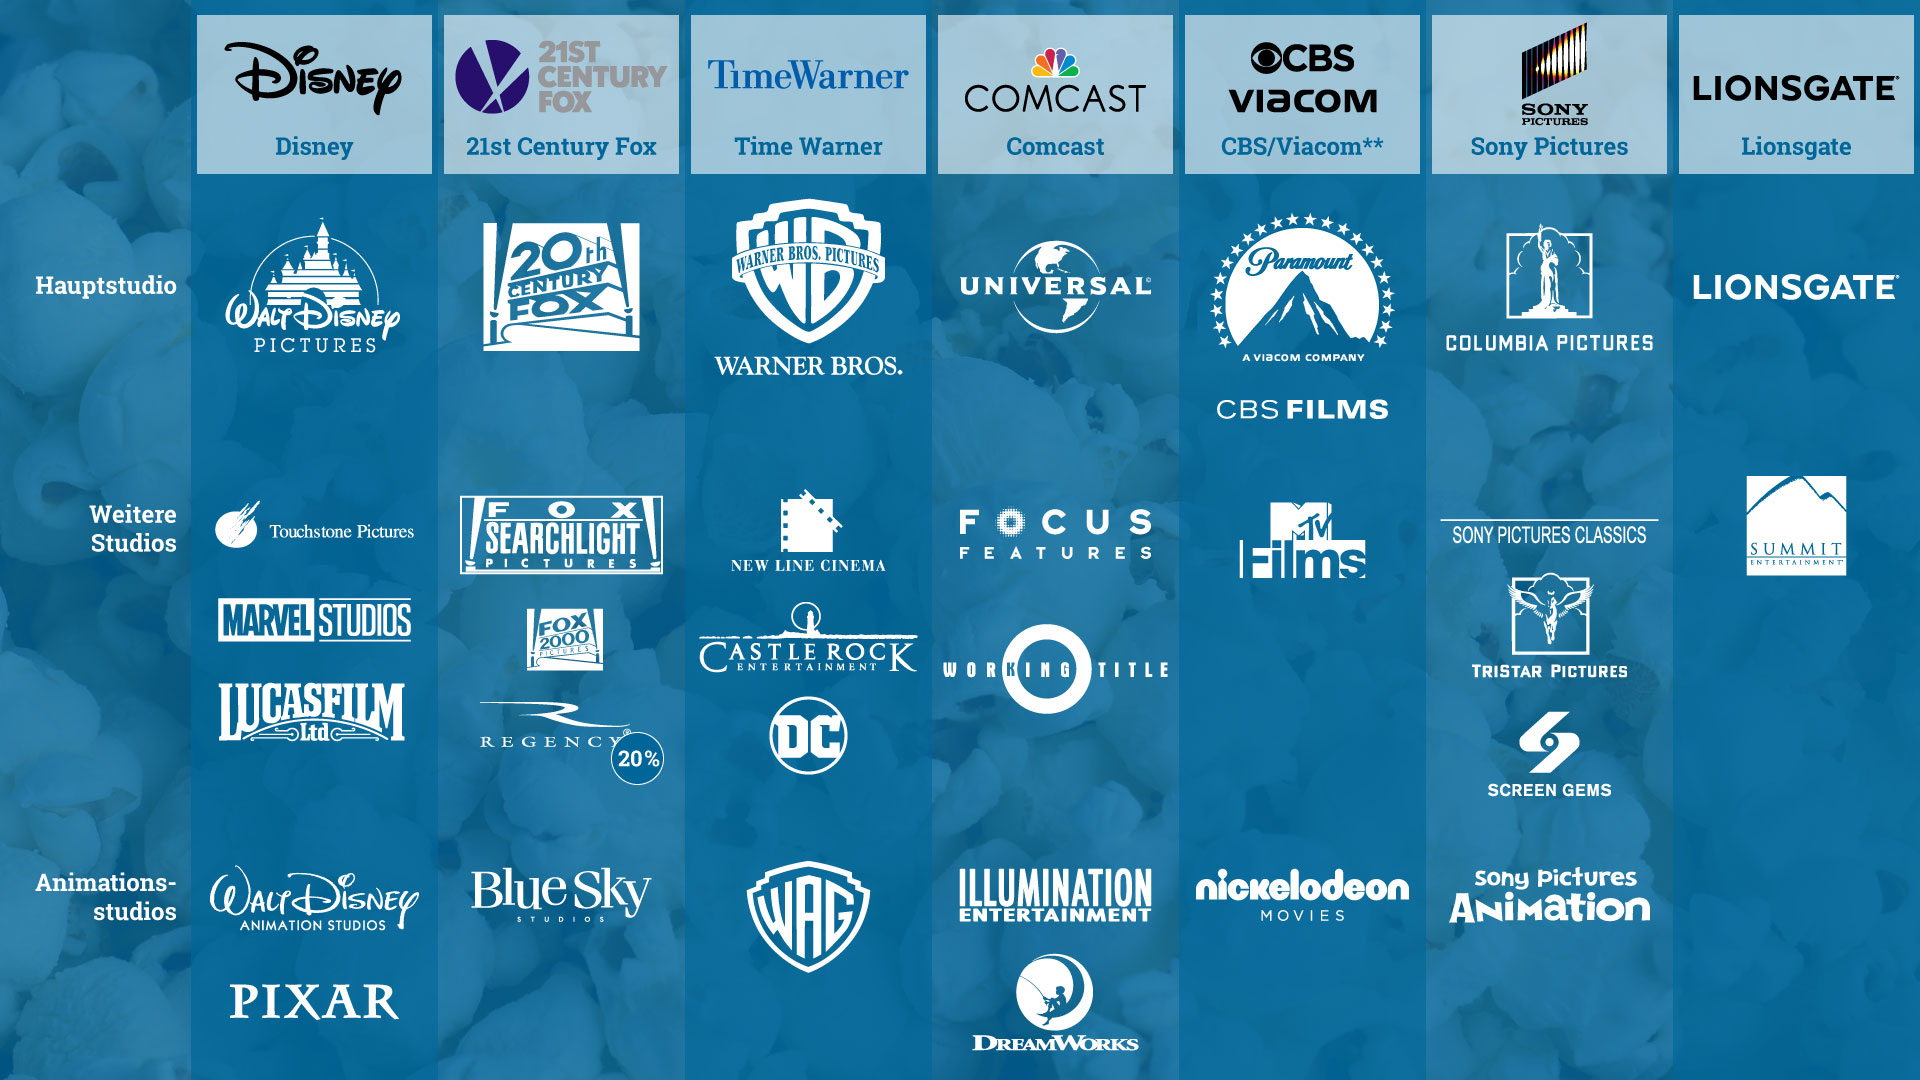 Die großen Studios und zugehörige Studios. CBS und Viacom sind seit 2006 getrennt, werden hier der Einfachheit halber zusammengefasst, da sie den selben Besitzern gehören.